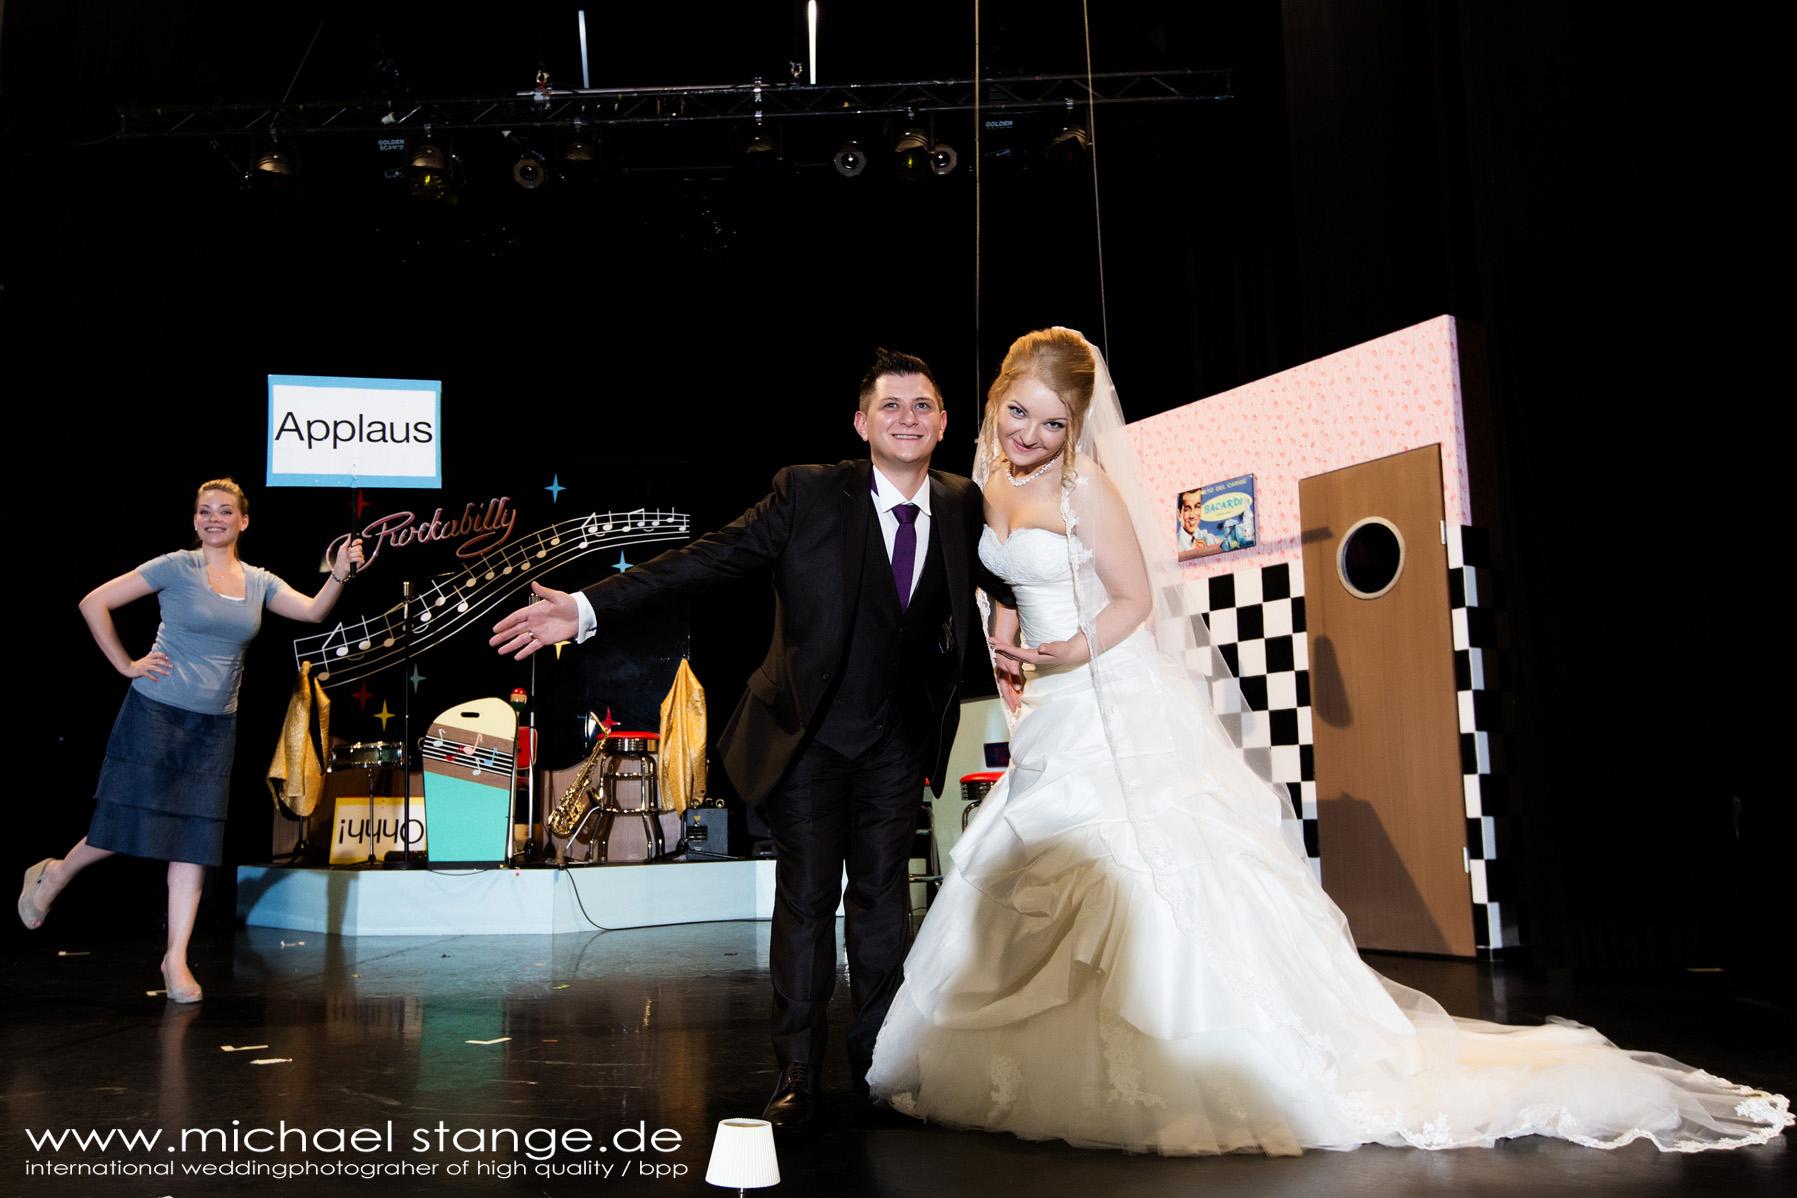 044 Hochzeitsfotograf Michael Stange Baltrum Osnabrueck